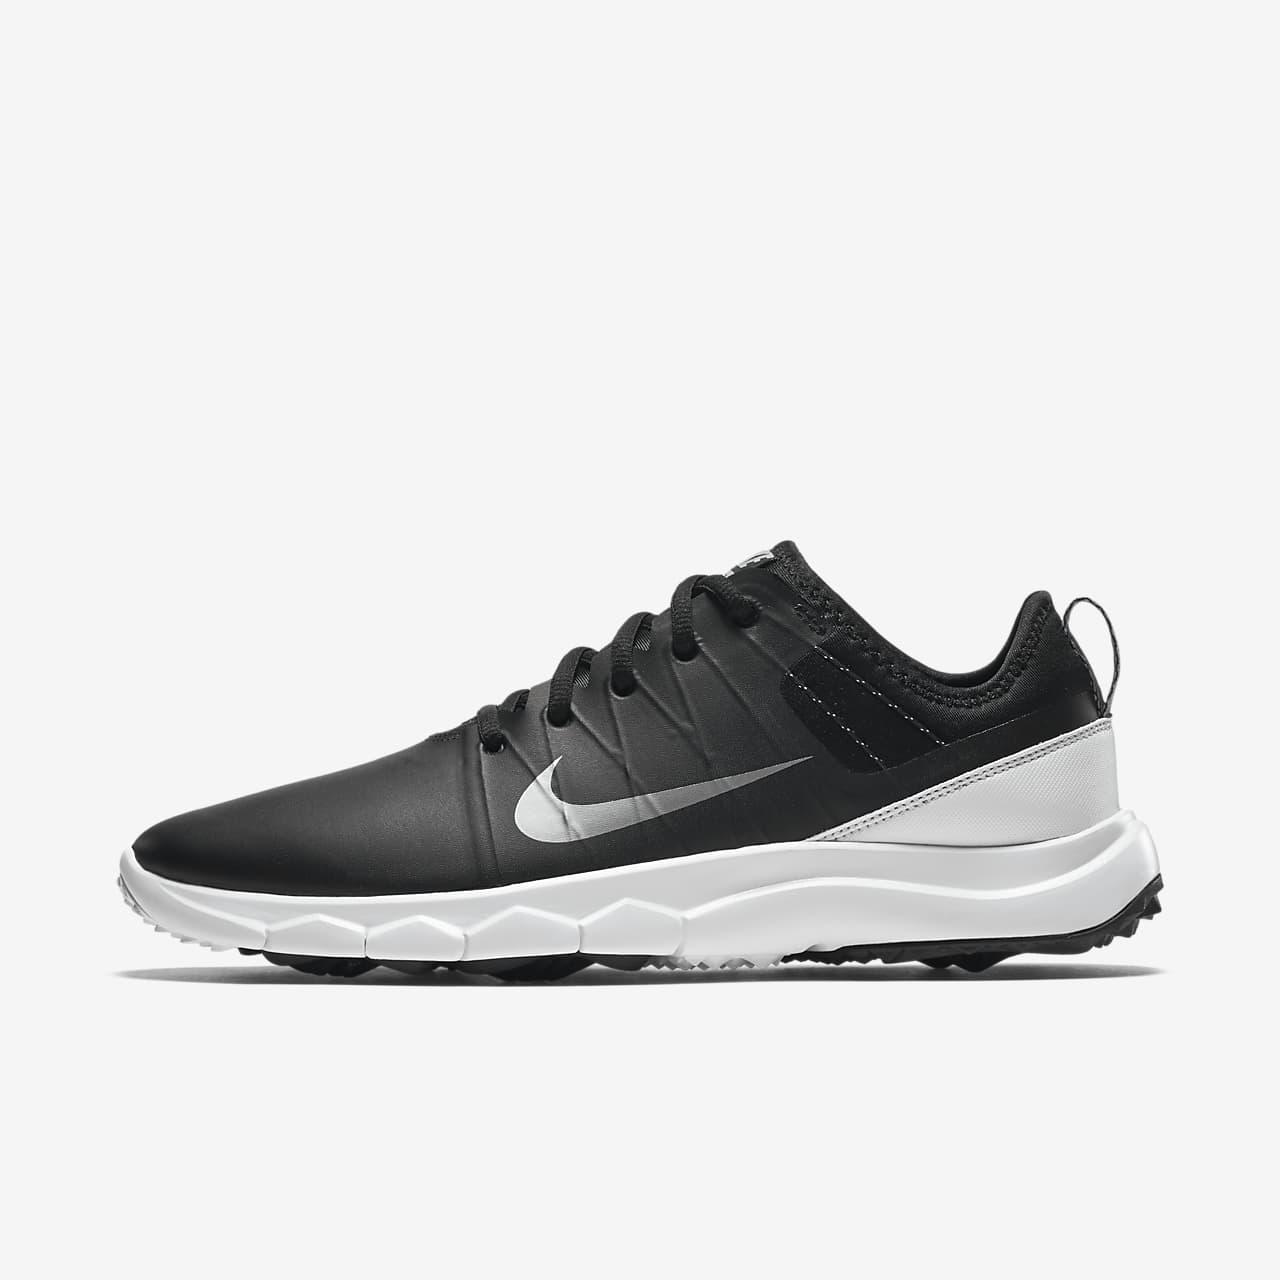 Nike FI Impact 2 Kadın Golf Ayakkabısı